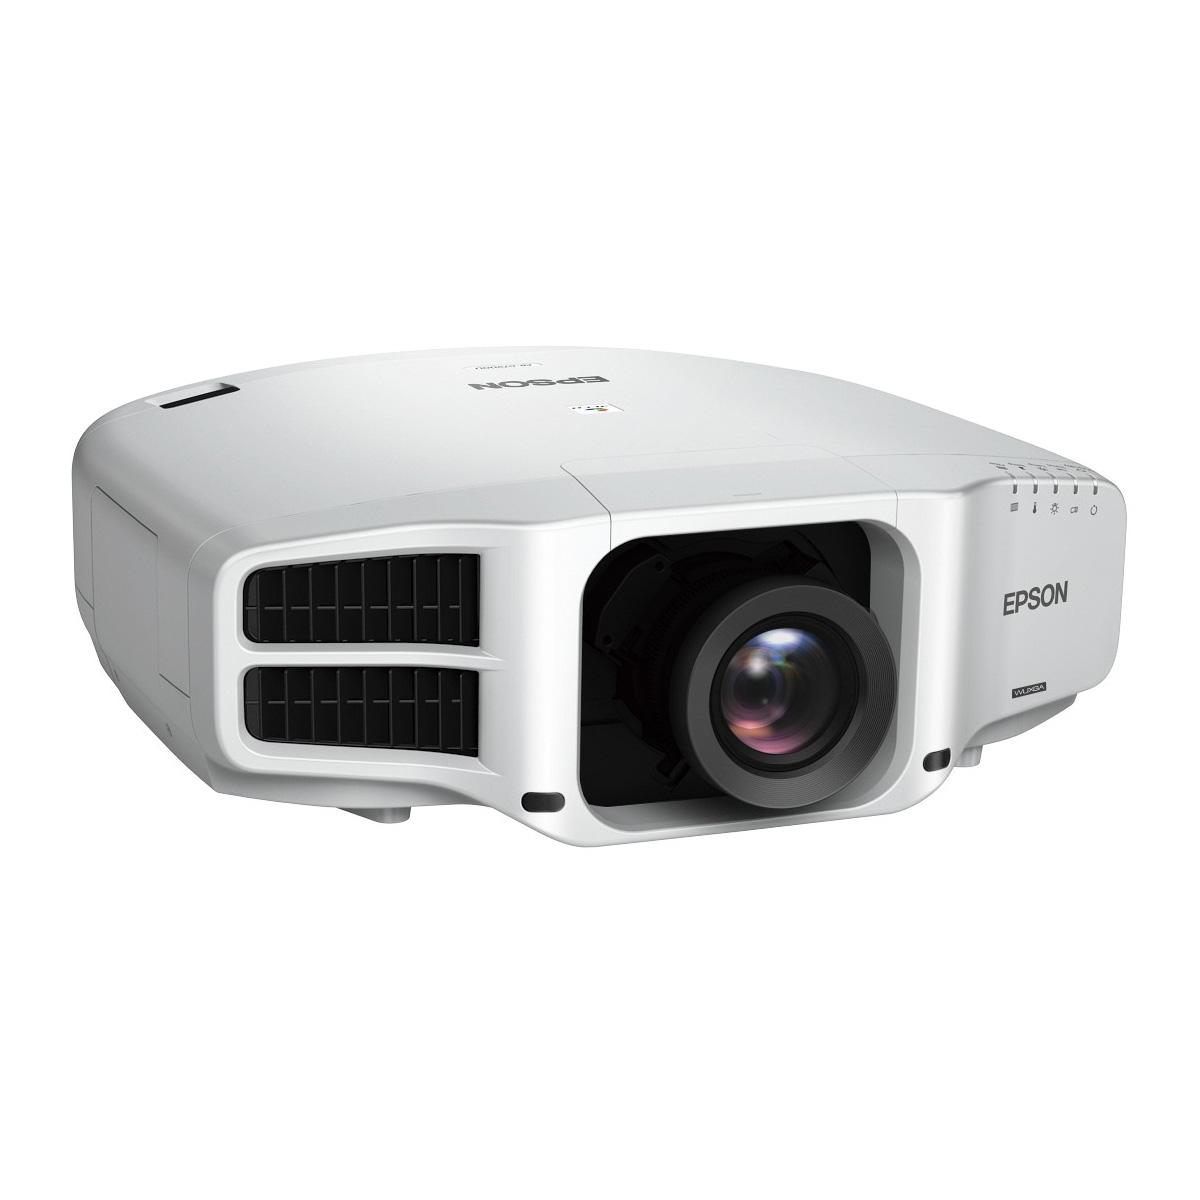 Epson eb g7900u vid oprojecteur epson sur - Support plafond videoprojecteur epson ...